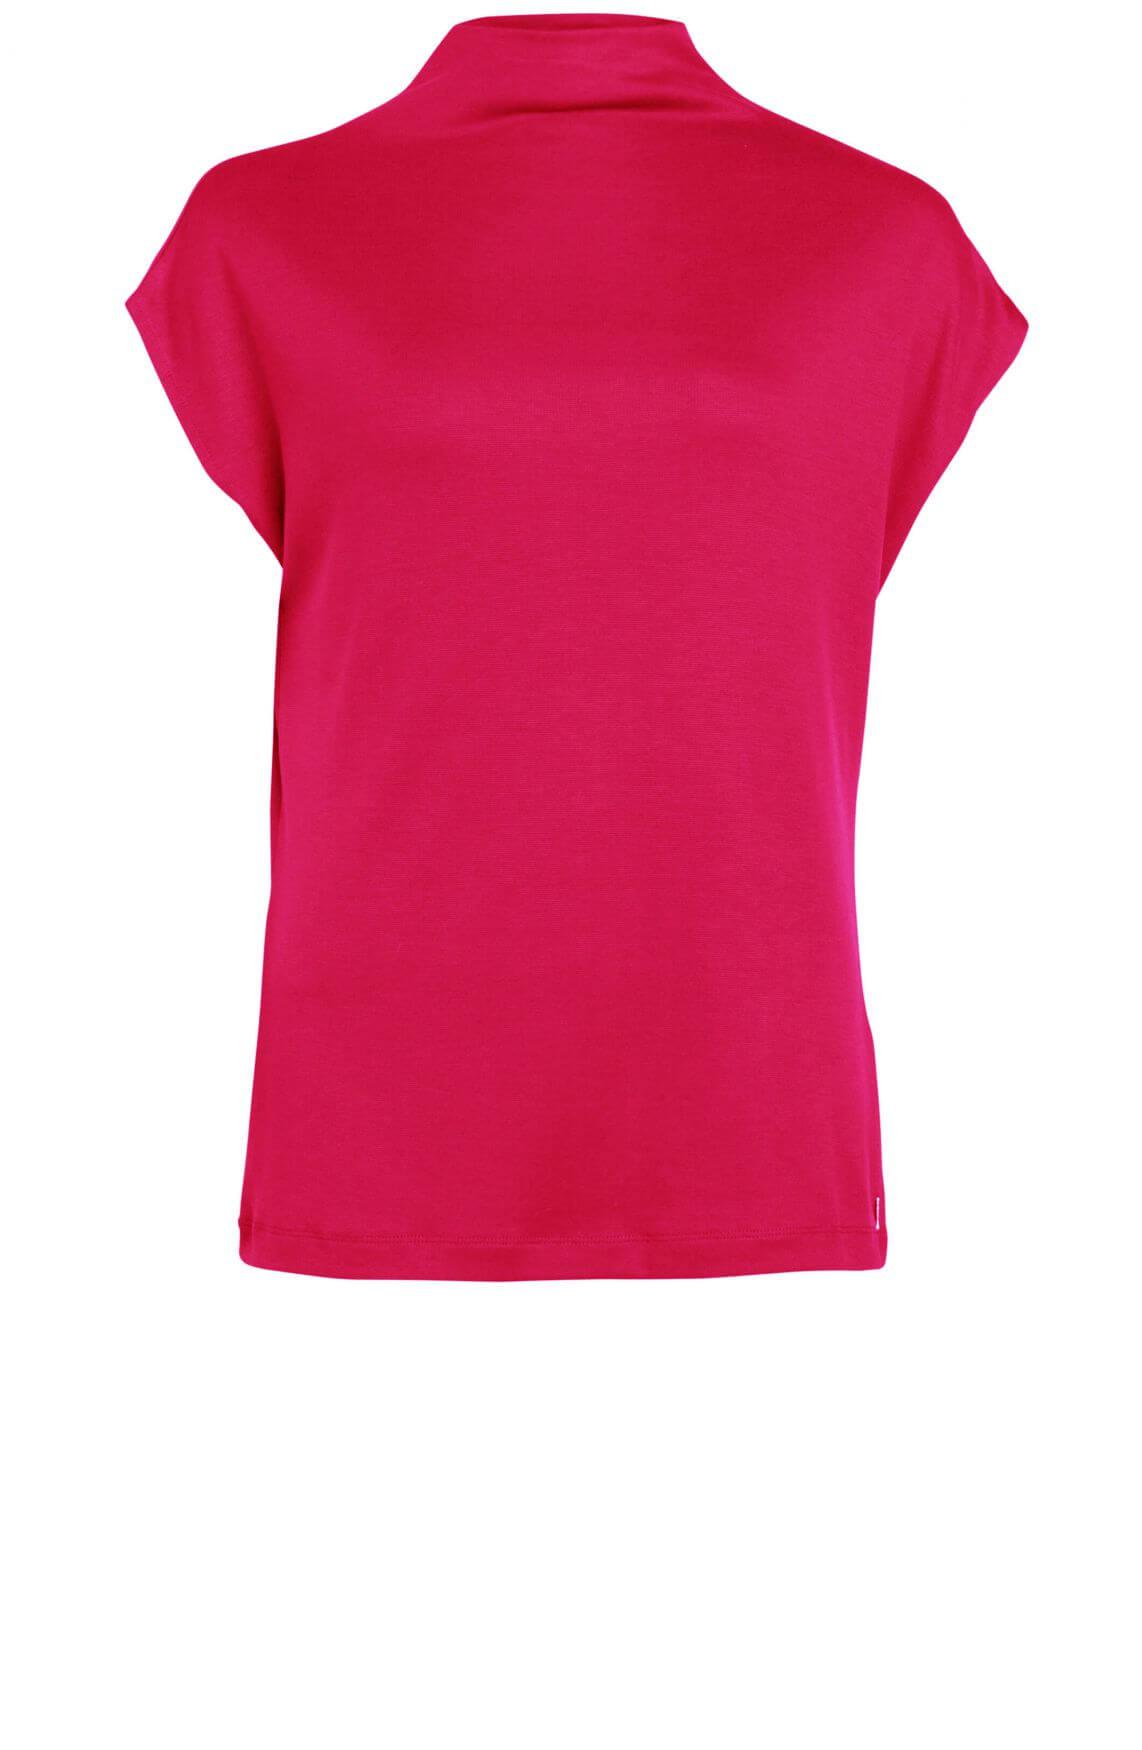 Anna Dames Shirt met col roze